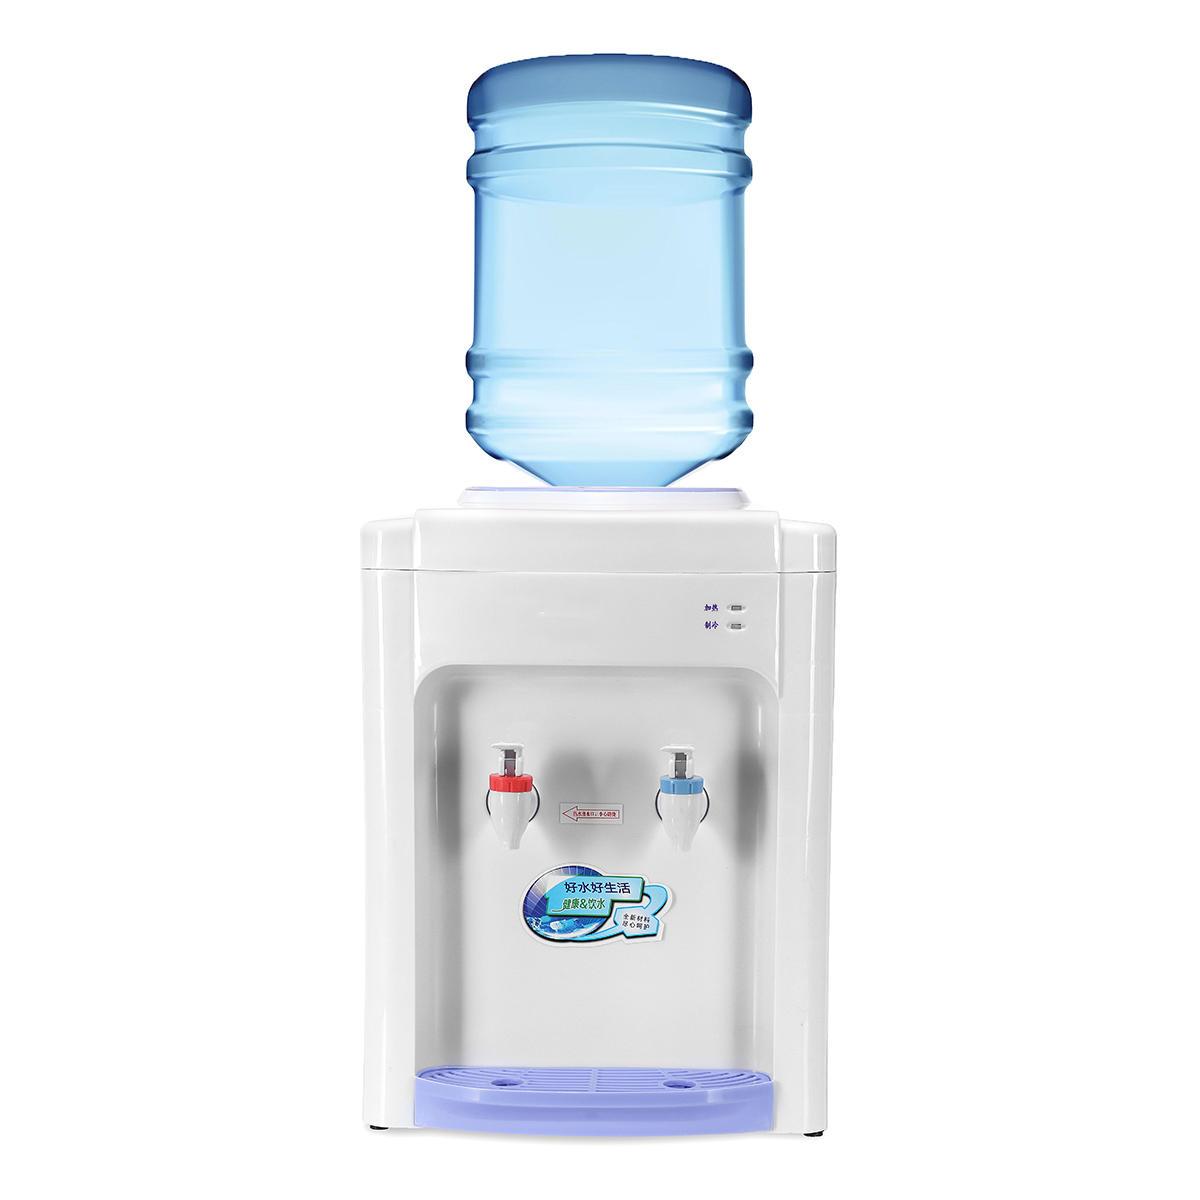 Cây nước nóng lạnh loại nào tốt, Cây nước nóng lạnh mini Huastar làm nước nóng lạnh cực nhanh ⭐ tiết kiệm điện, dễ dàng sử dụng, vô cùng tiện ích